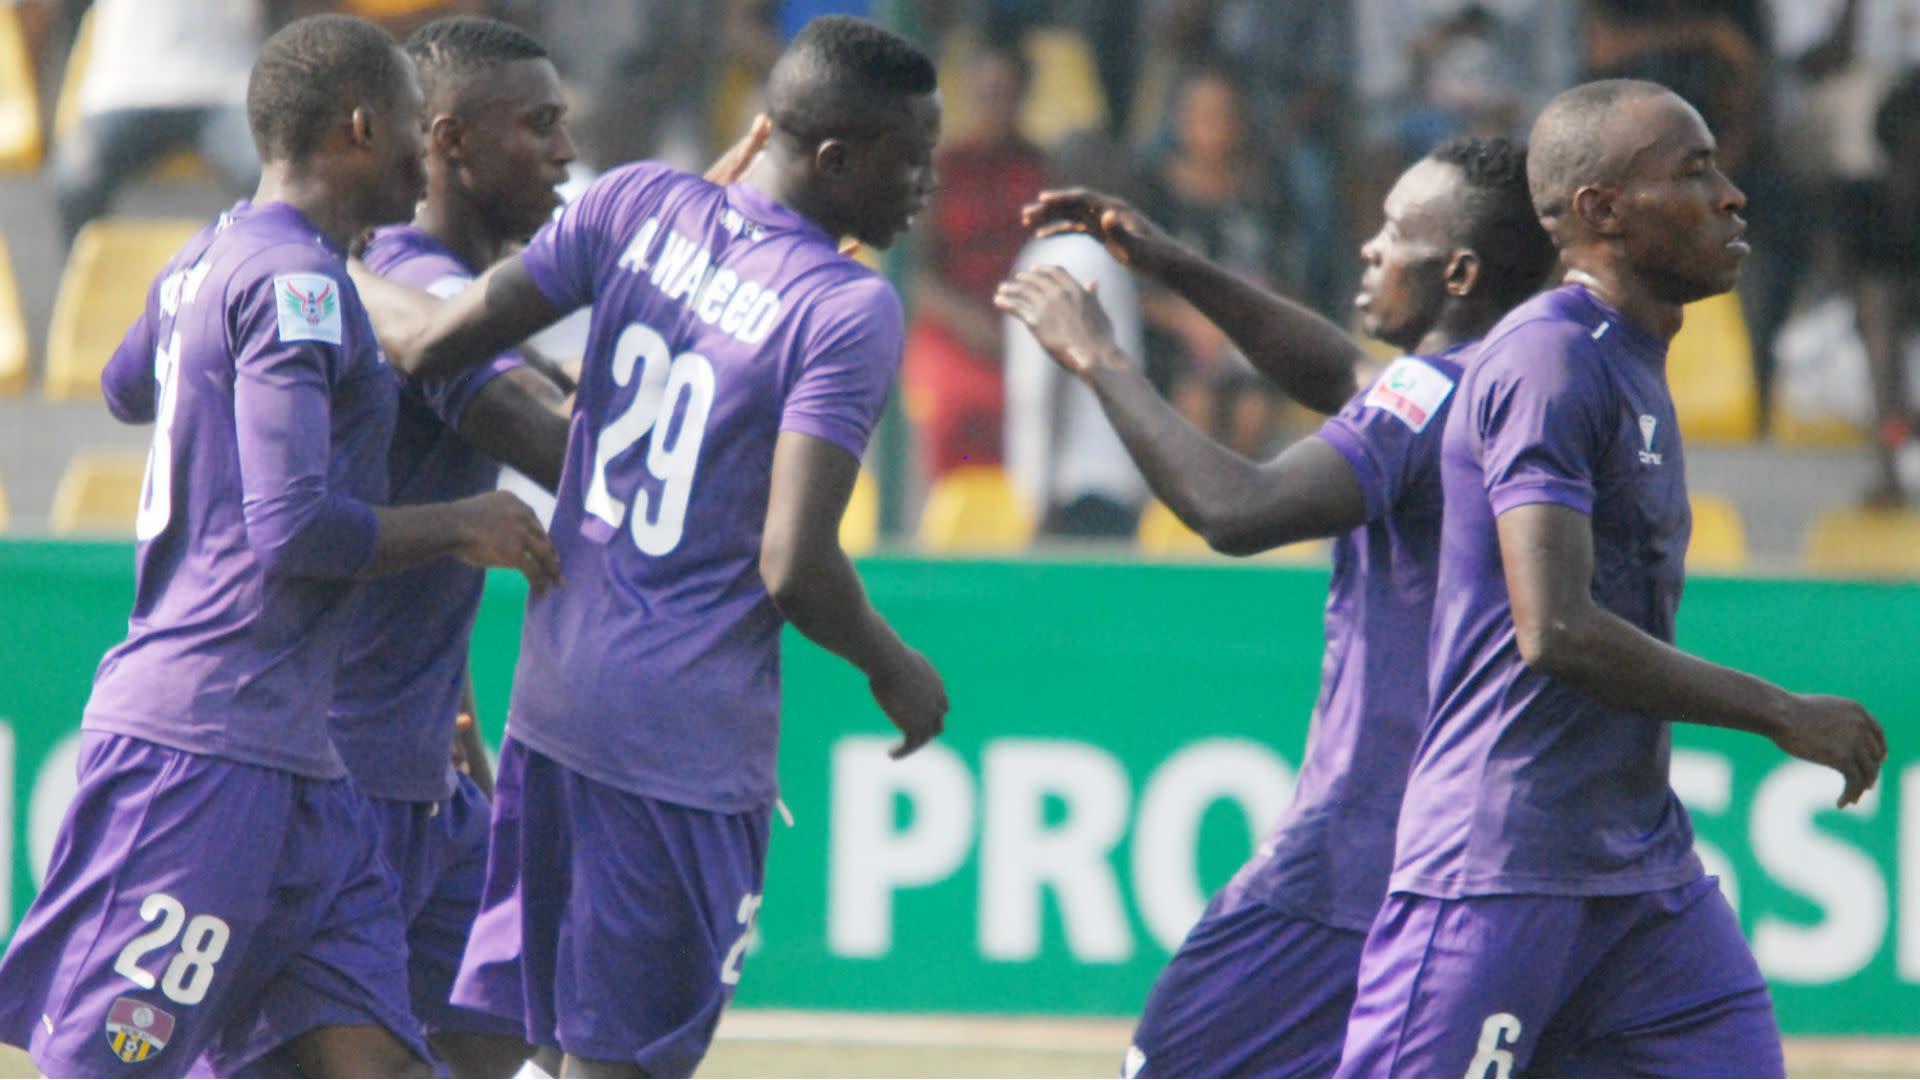 Plateau United & MFM in chancy NPFL title battle